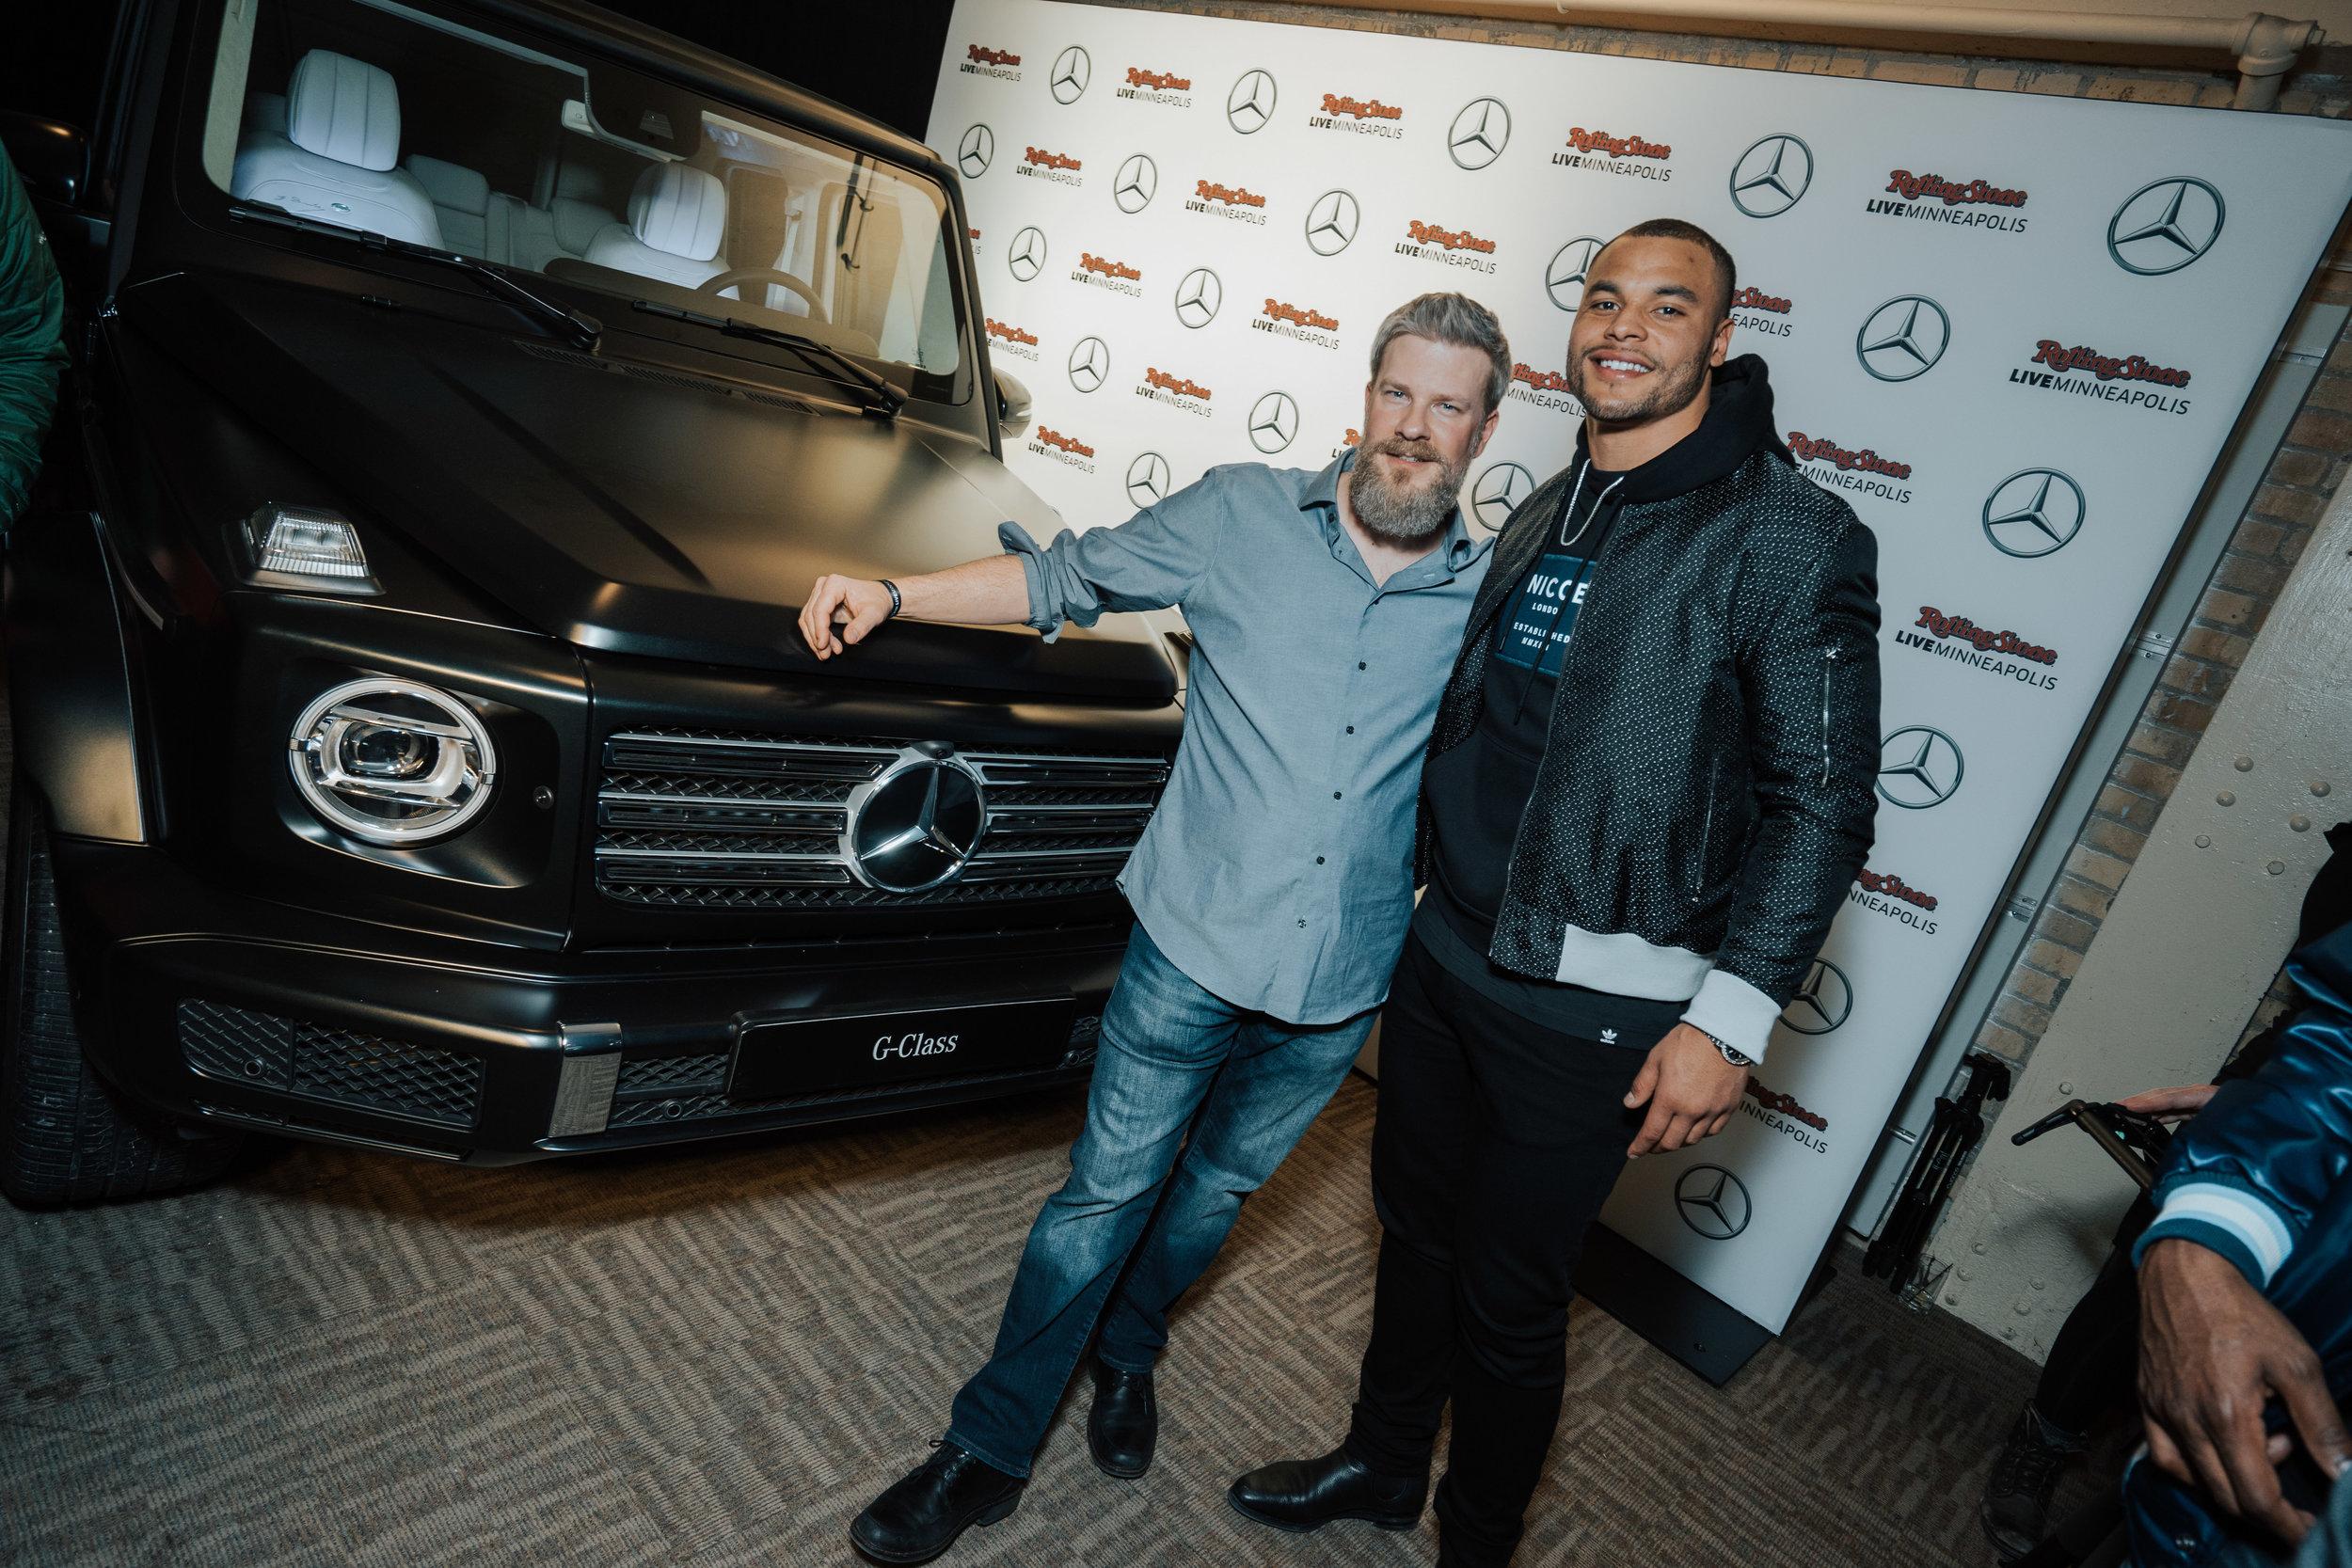 Dak Prescott at Mercedes-Benz activation